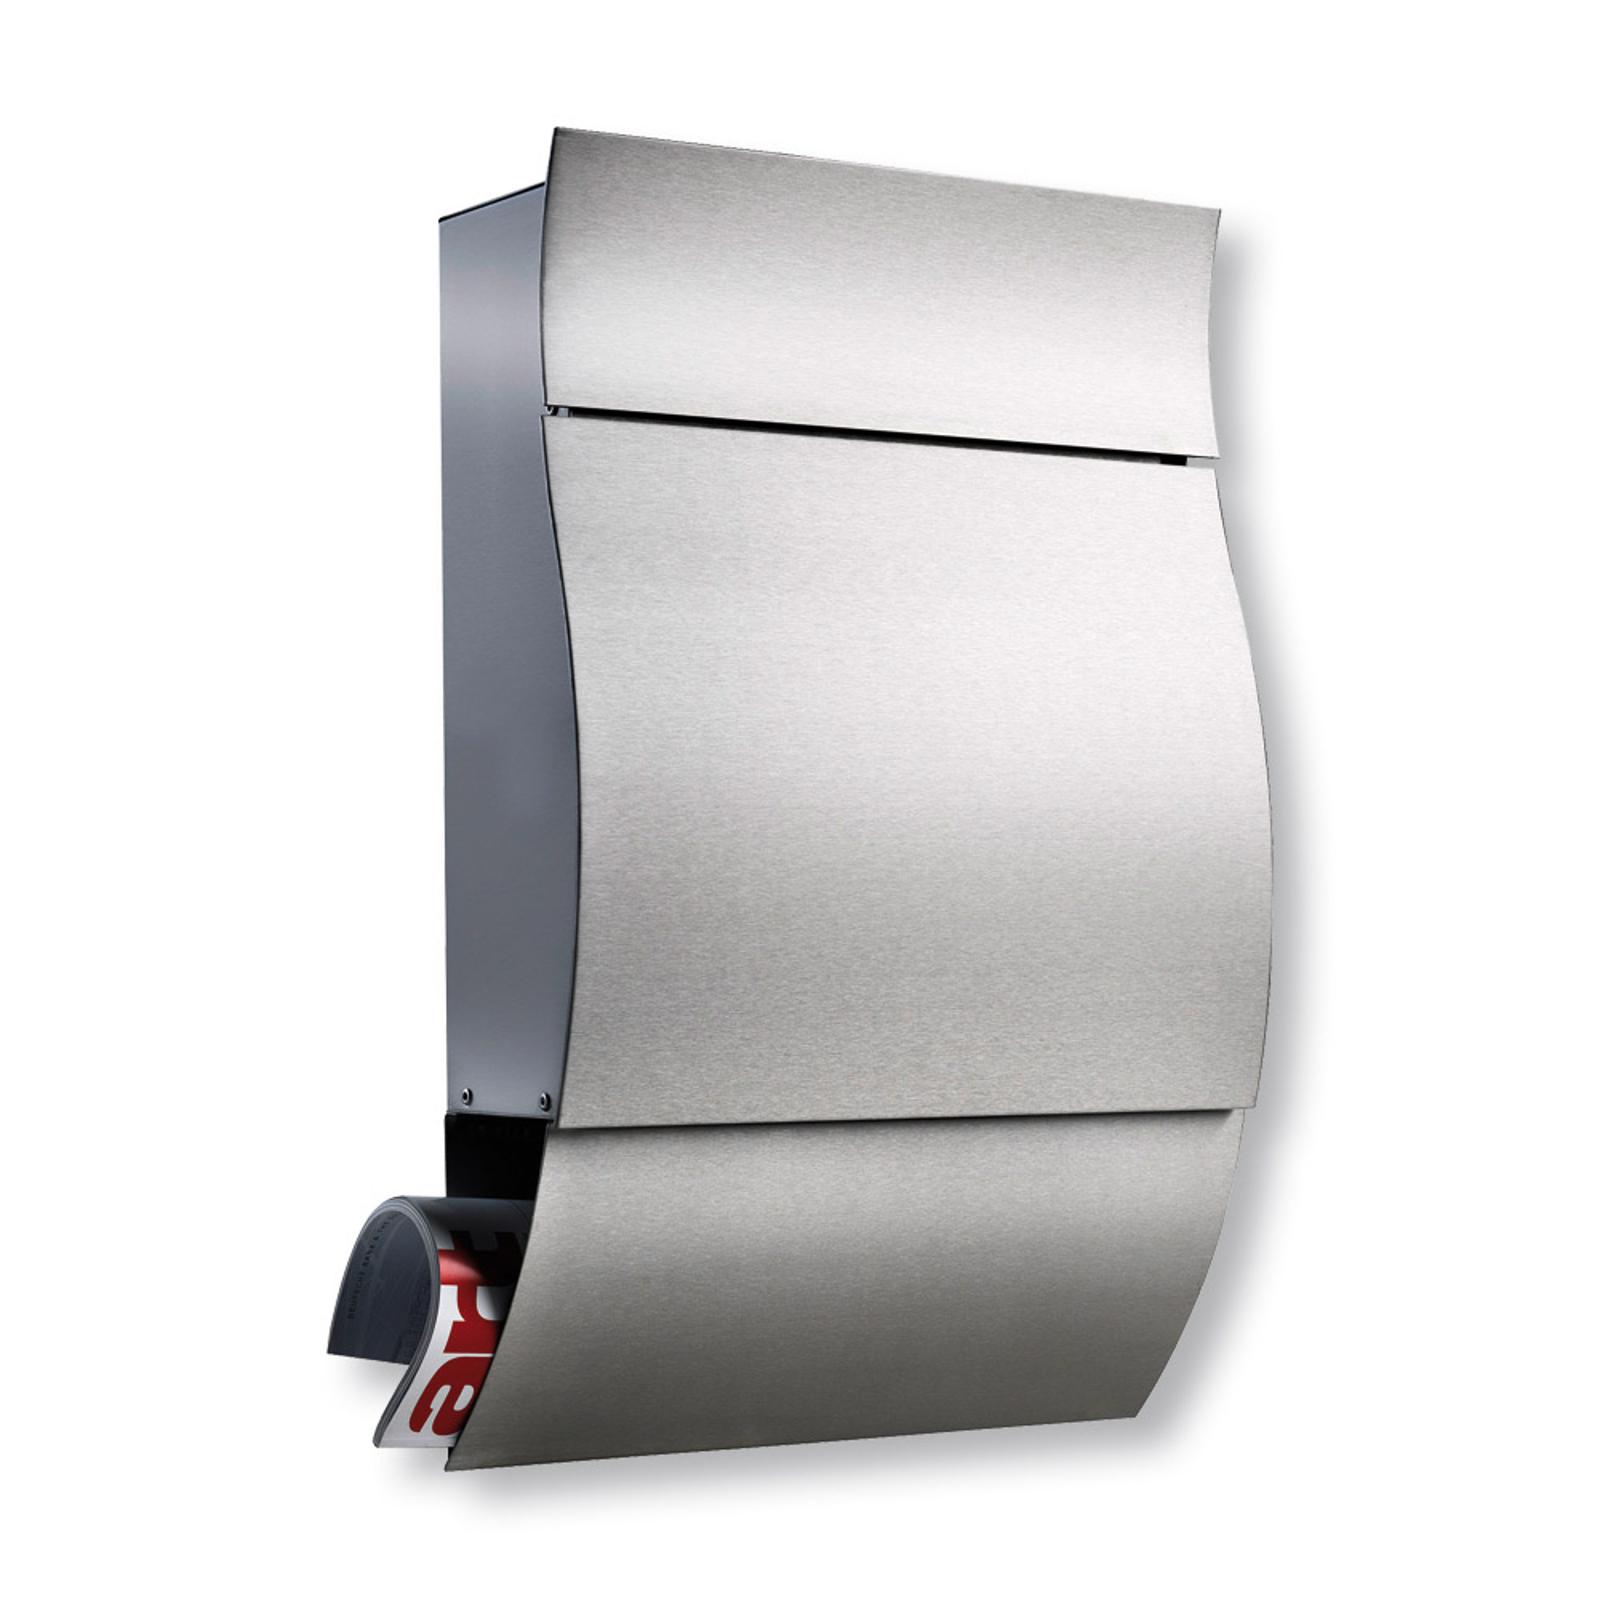 Opera - comoda cassetta postale di acciaio inox